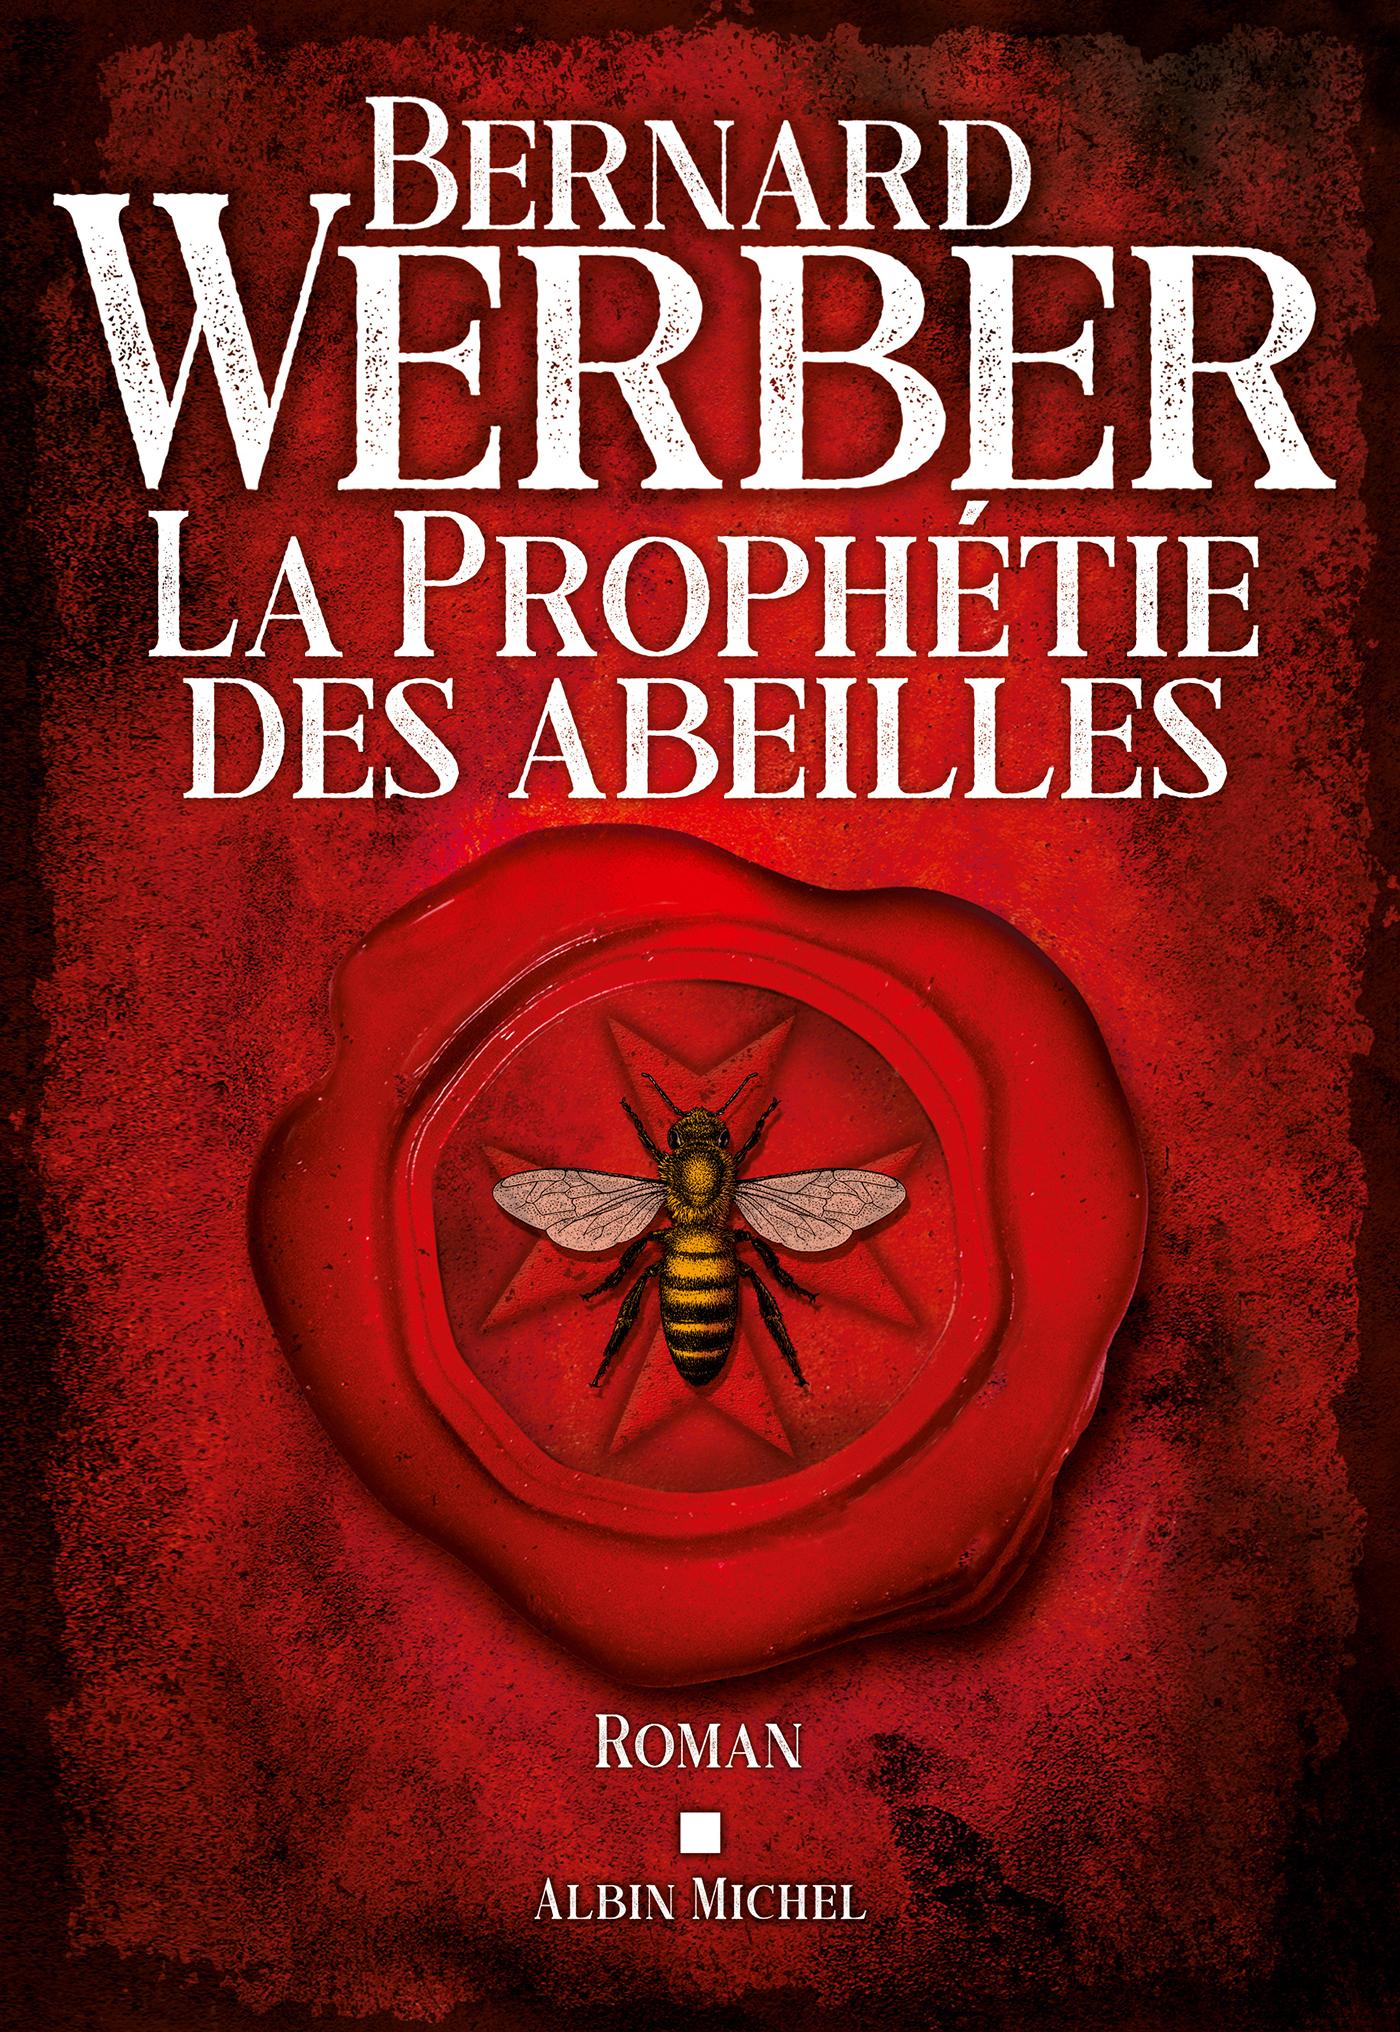 La Prophétie des abeilles | Werber, Bernard. Auteur